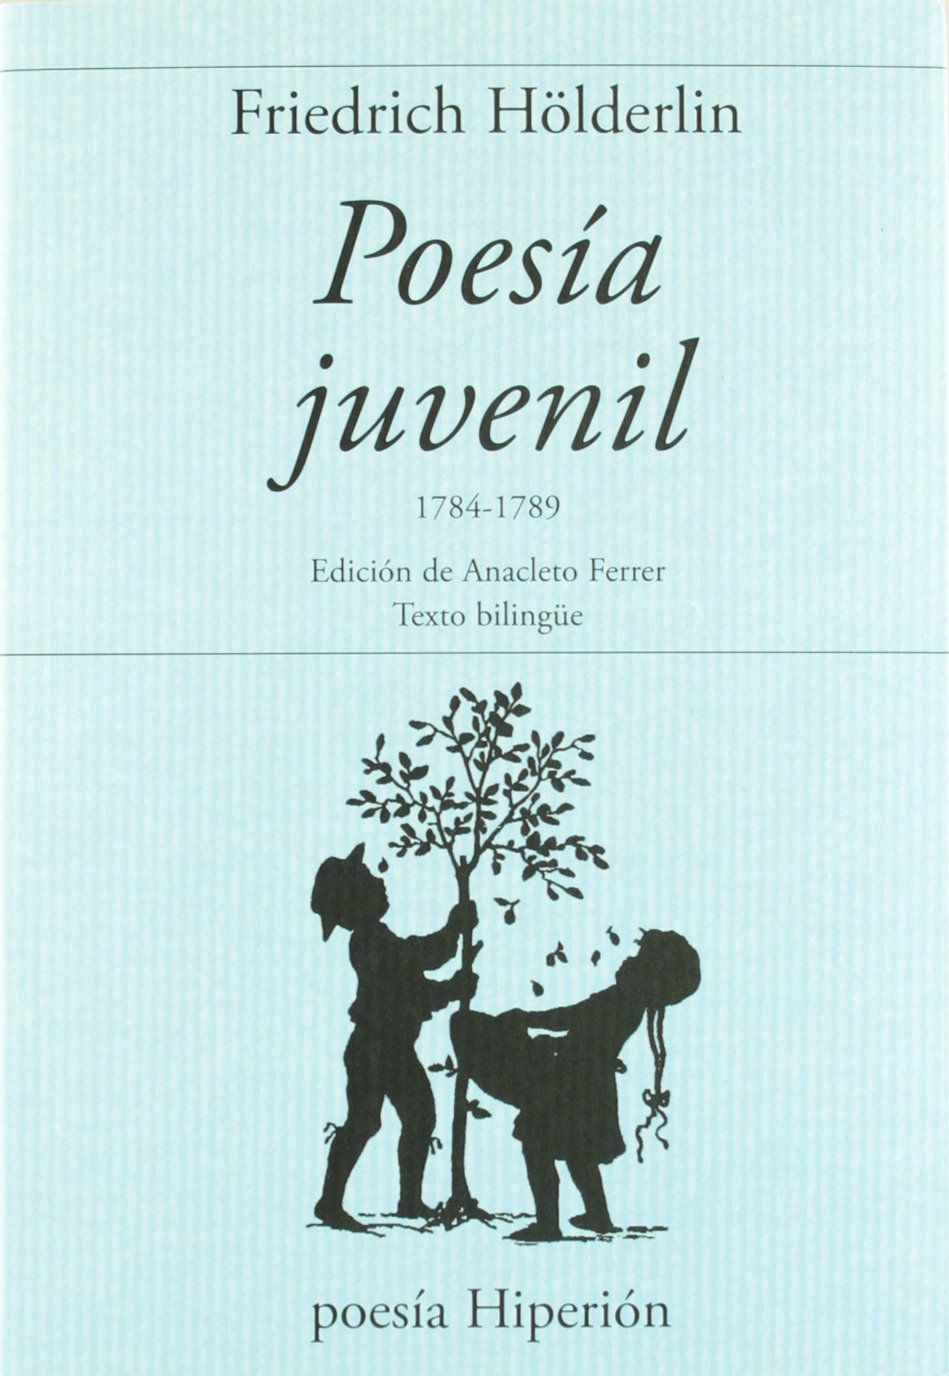 Poesía juvenil: 1784-1789 (Poesía Hiperión): Amazon.es: Hölderlin, Friedrich, Ferrer, Anacleto: Libros